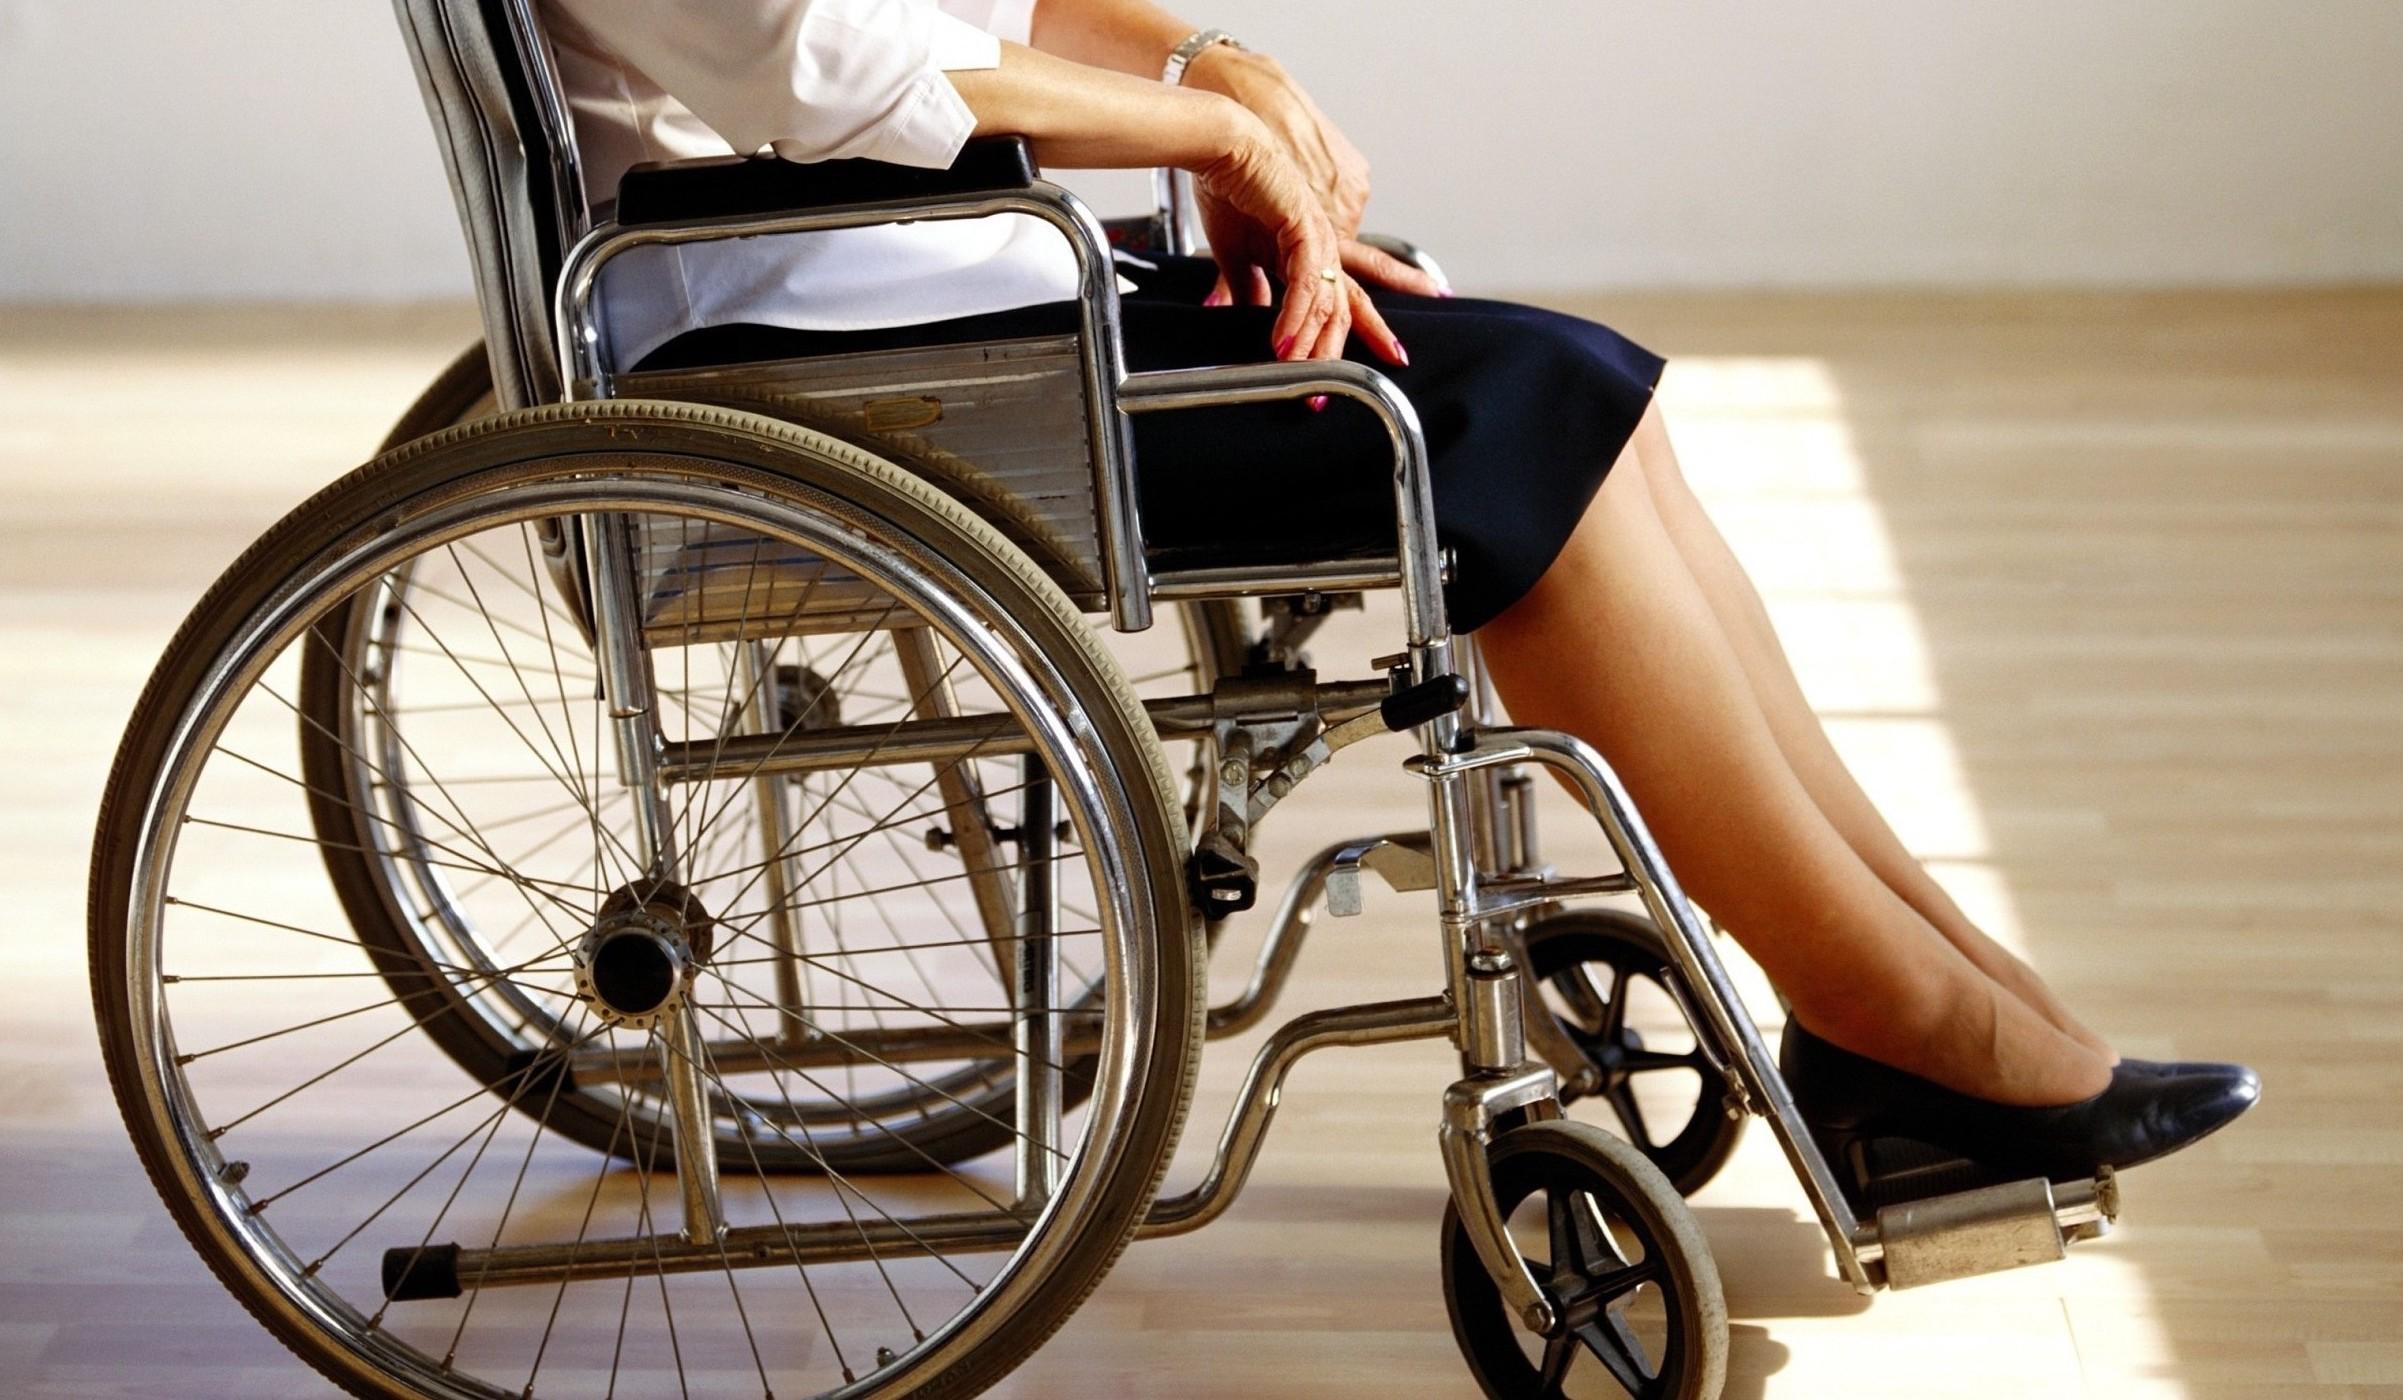 pagamento-aumento-pensioni-invalidità-civile-2020